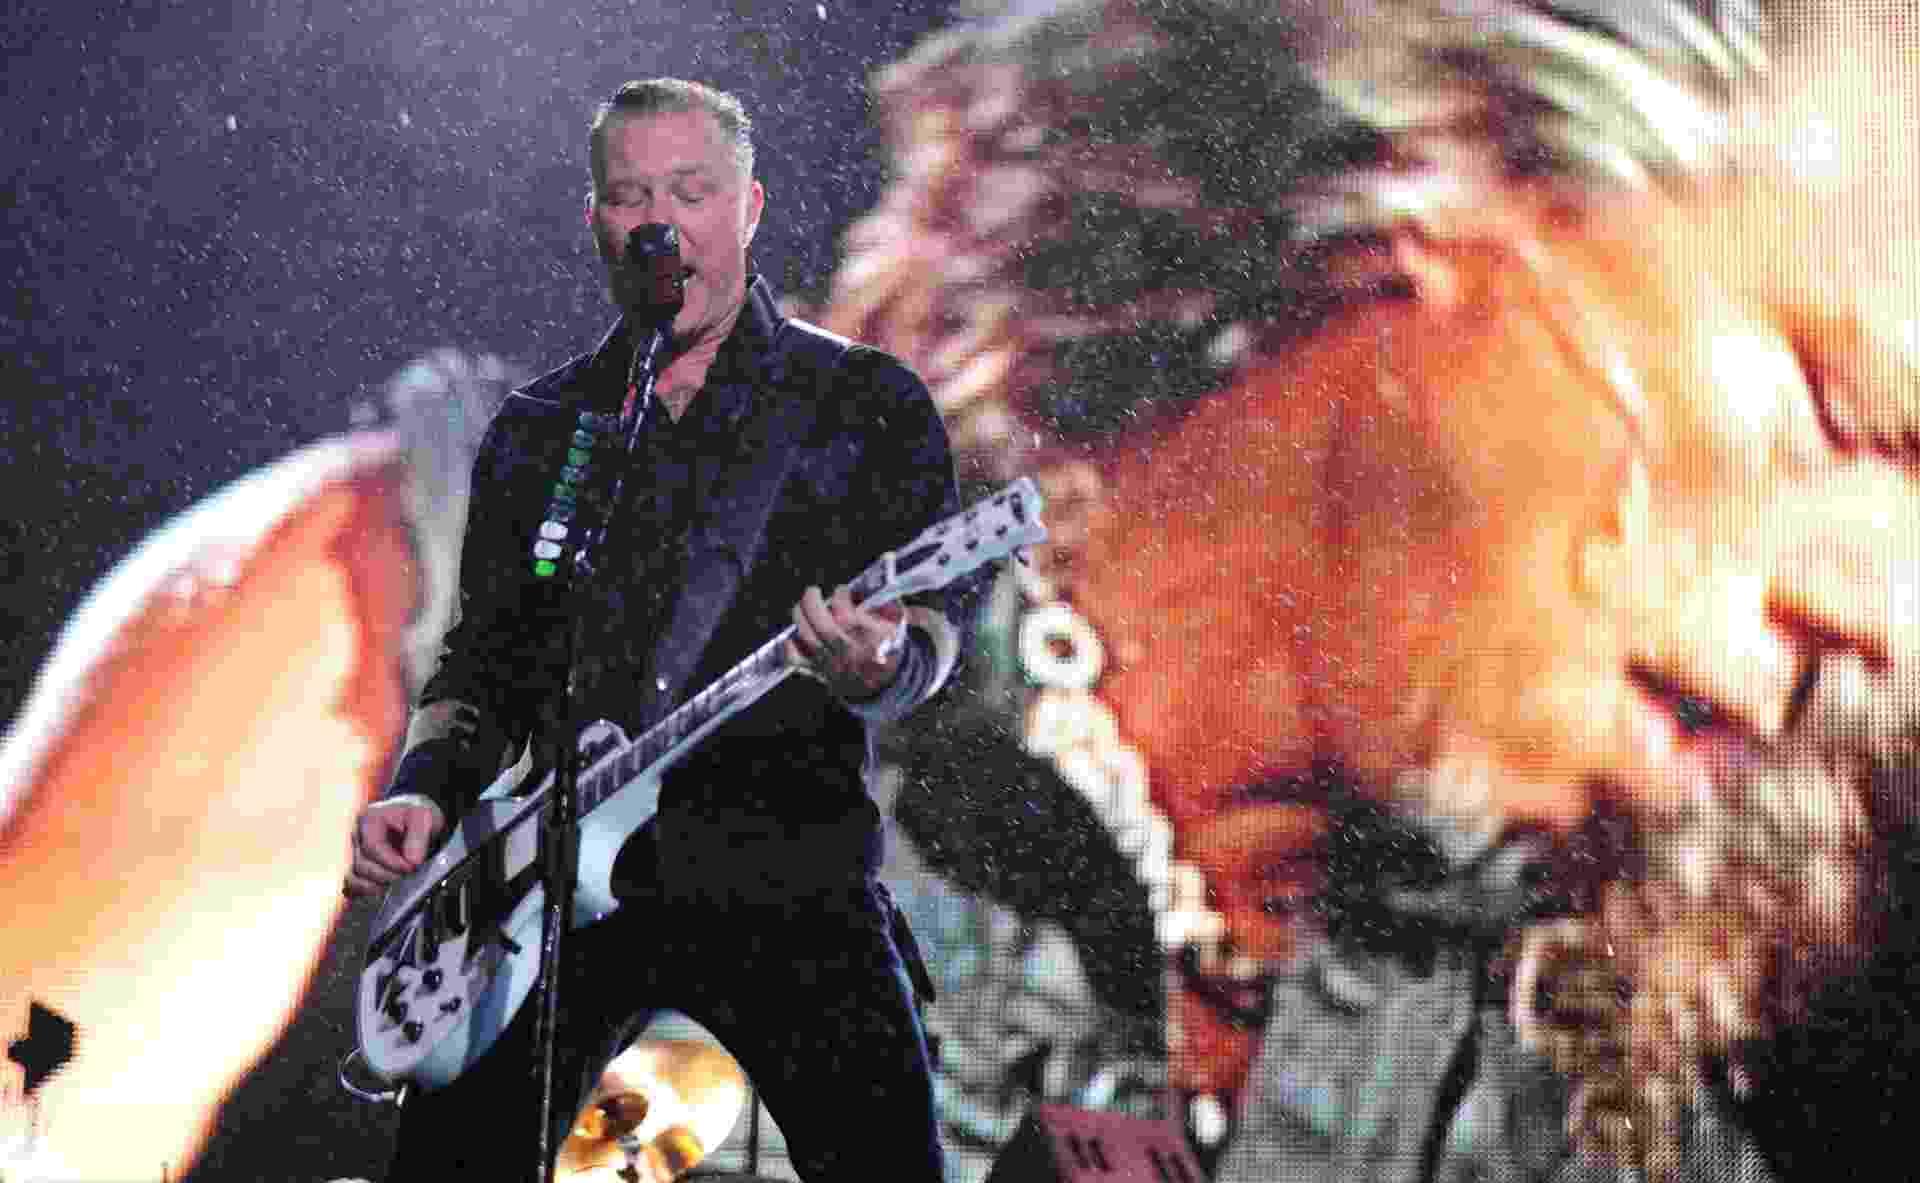 22.mar.2014 - Metallica toca debaixo de chuva em São Paulo. A banda de rock americana agitou o público presente no Estádio do Morumbi, em São Paulo - Junior Lago/UOL